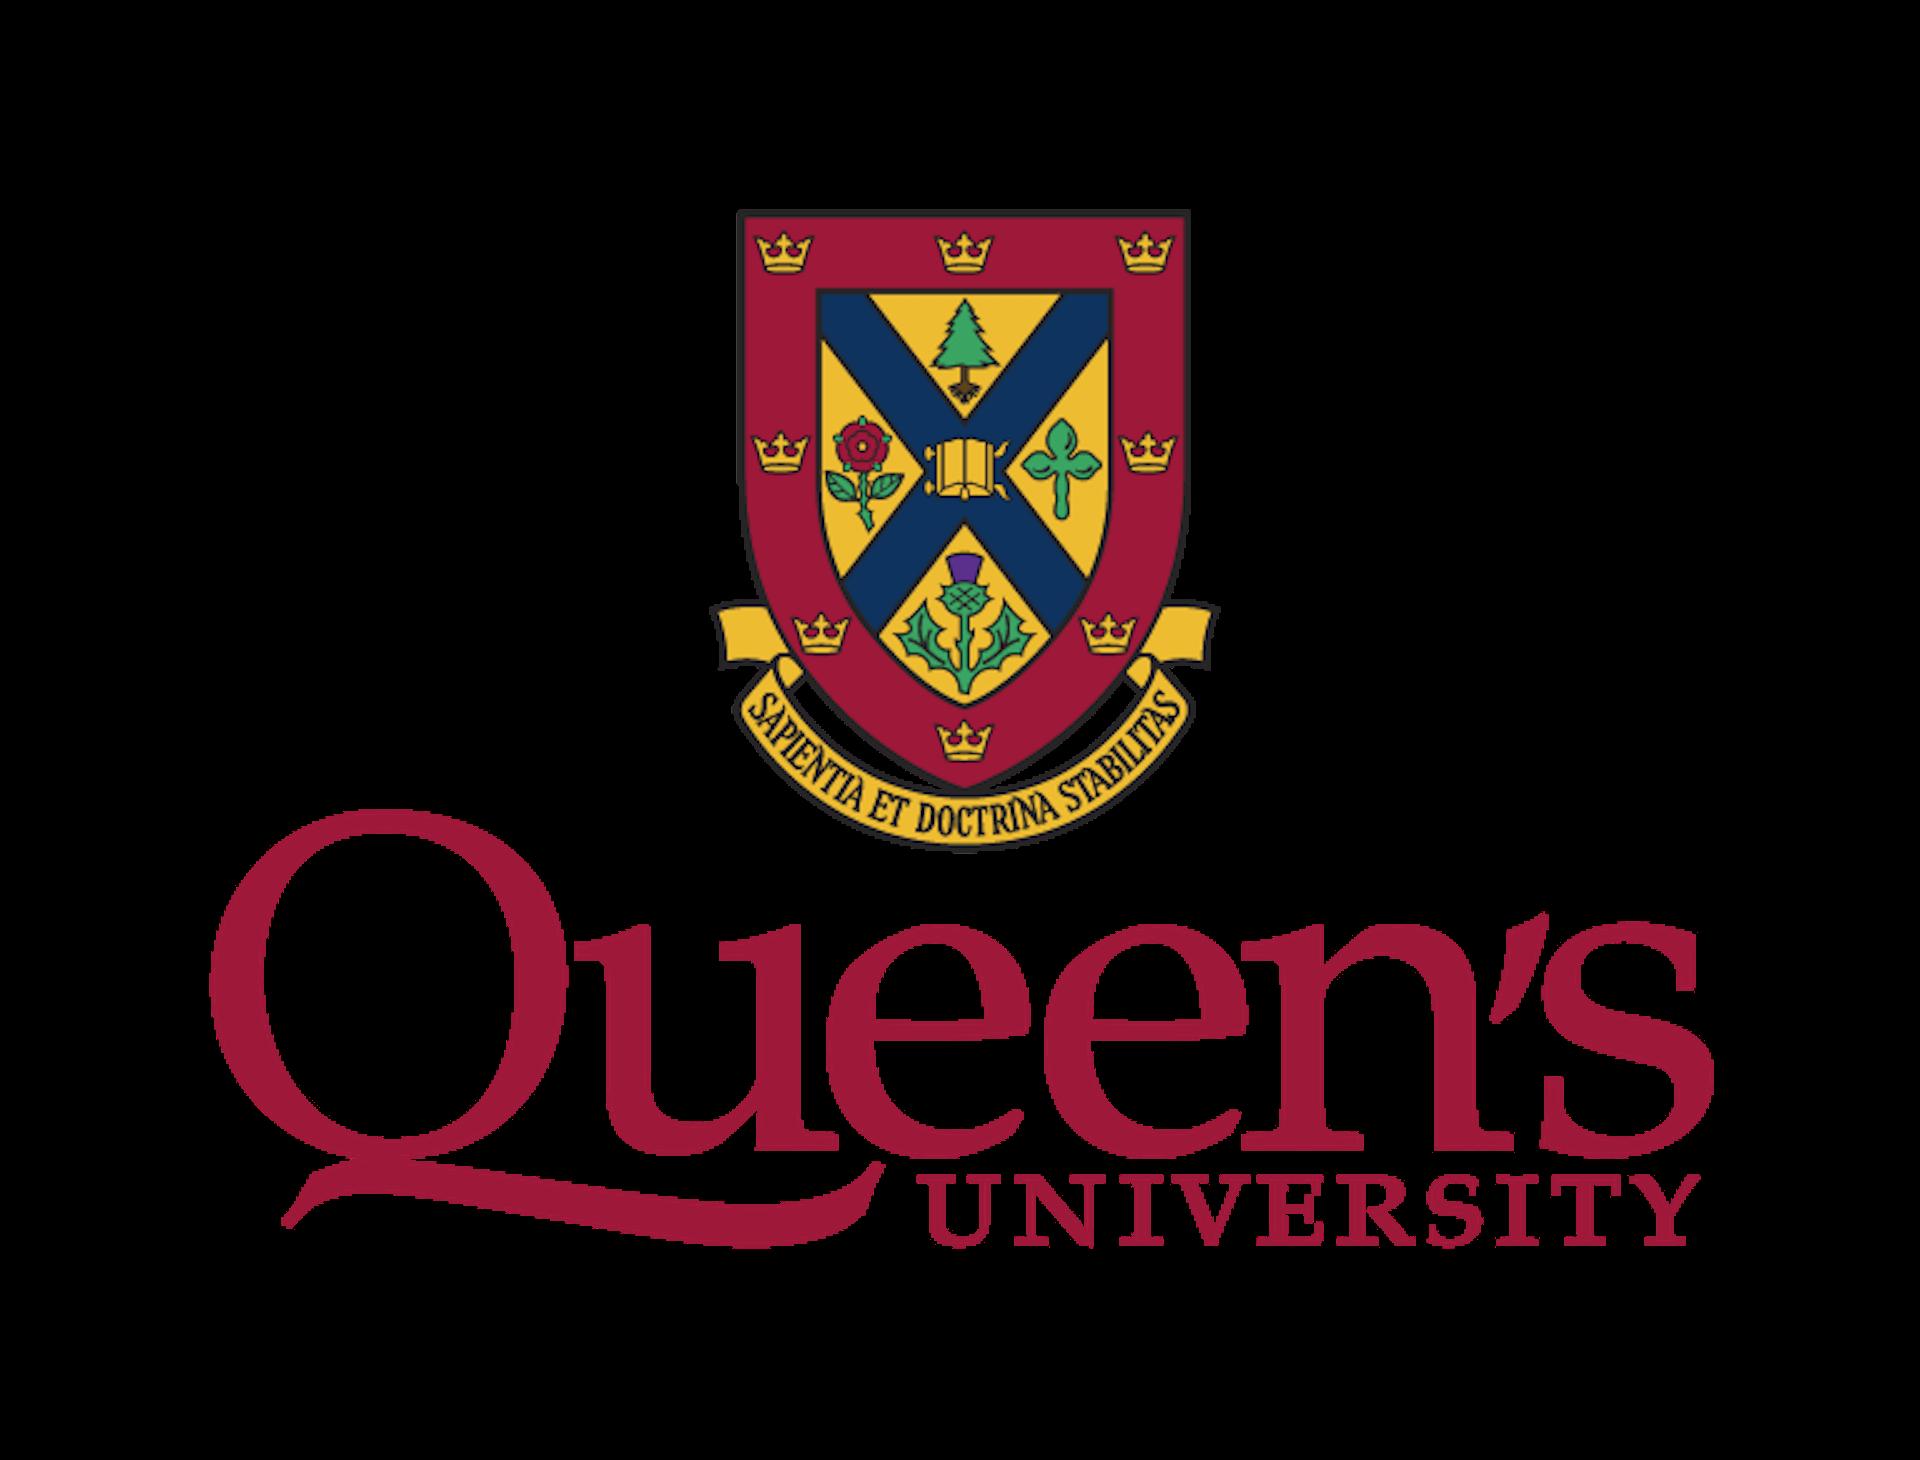 Queen's University, Ontario